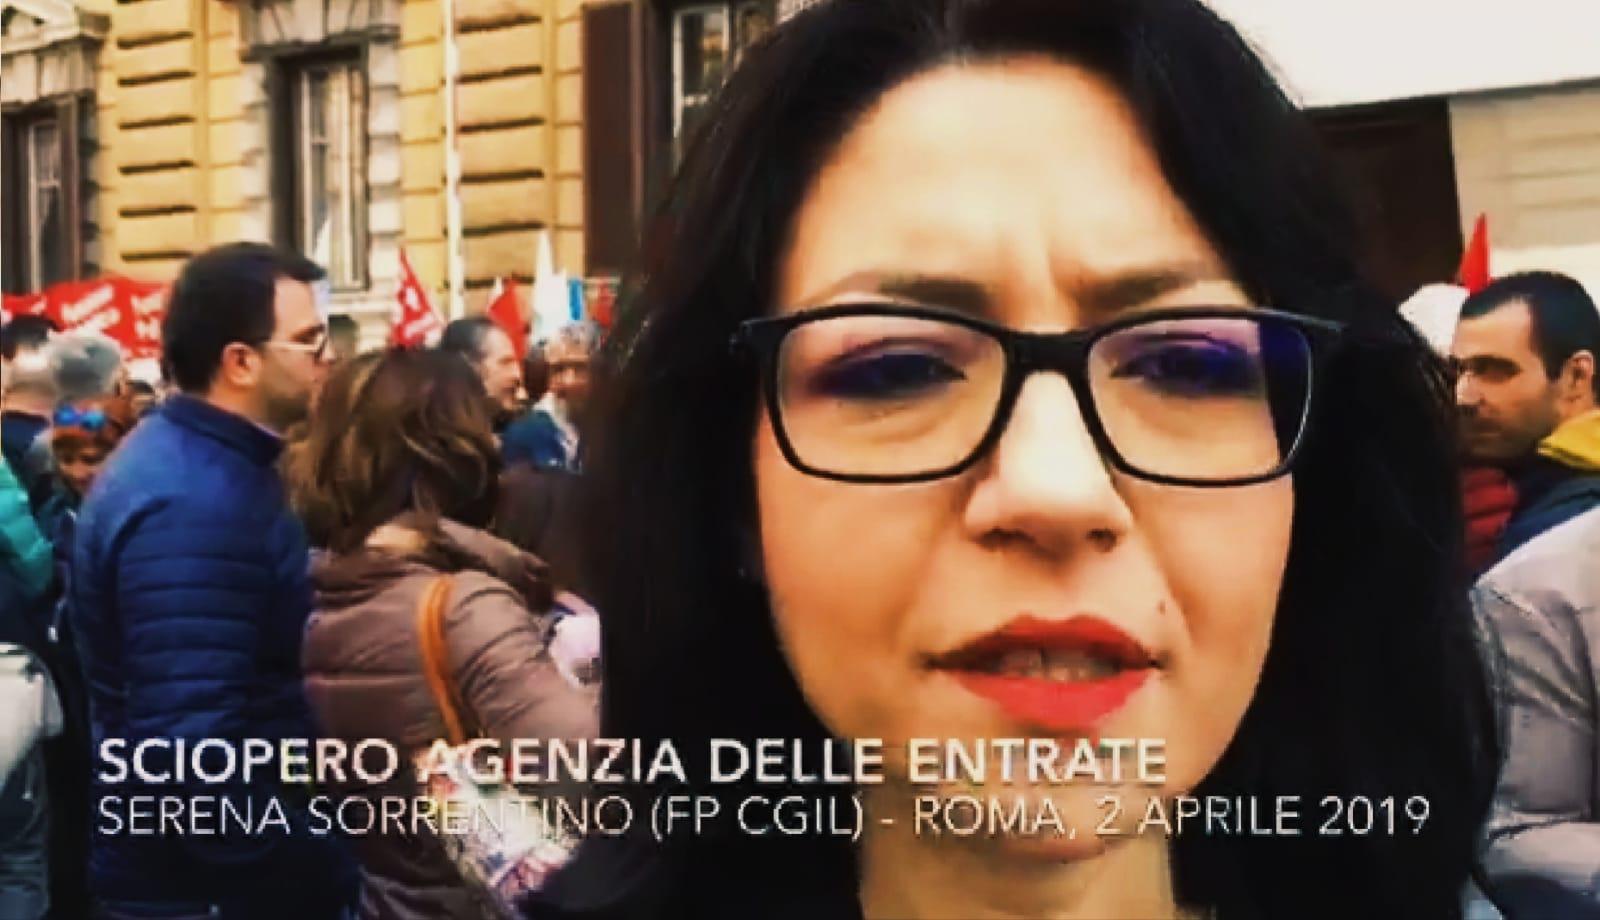 VIDEO, SCIOPERO NAZIONALE: intervista a Serena Sorrentino